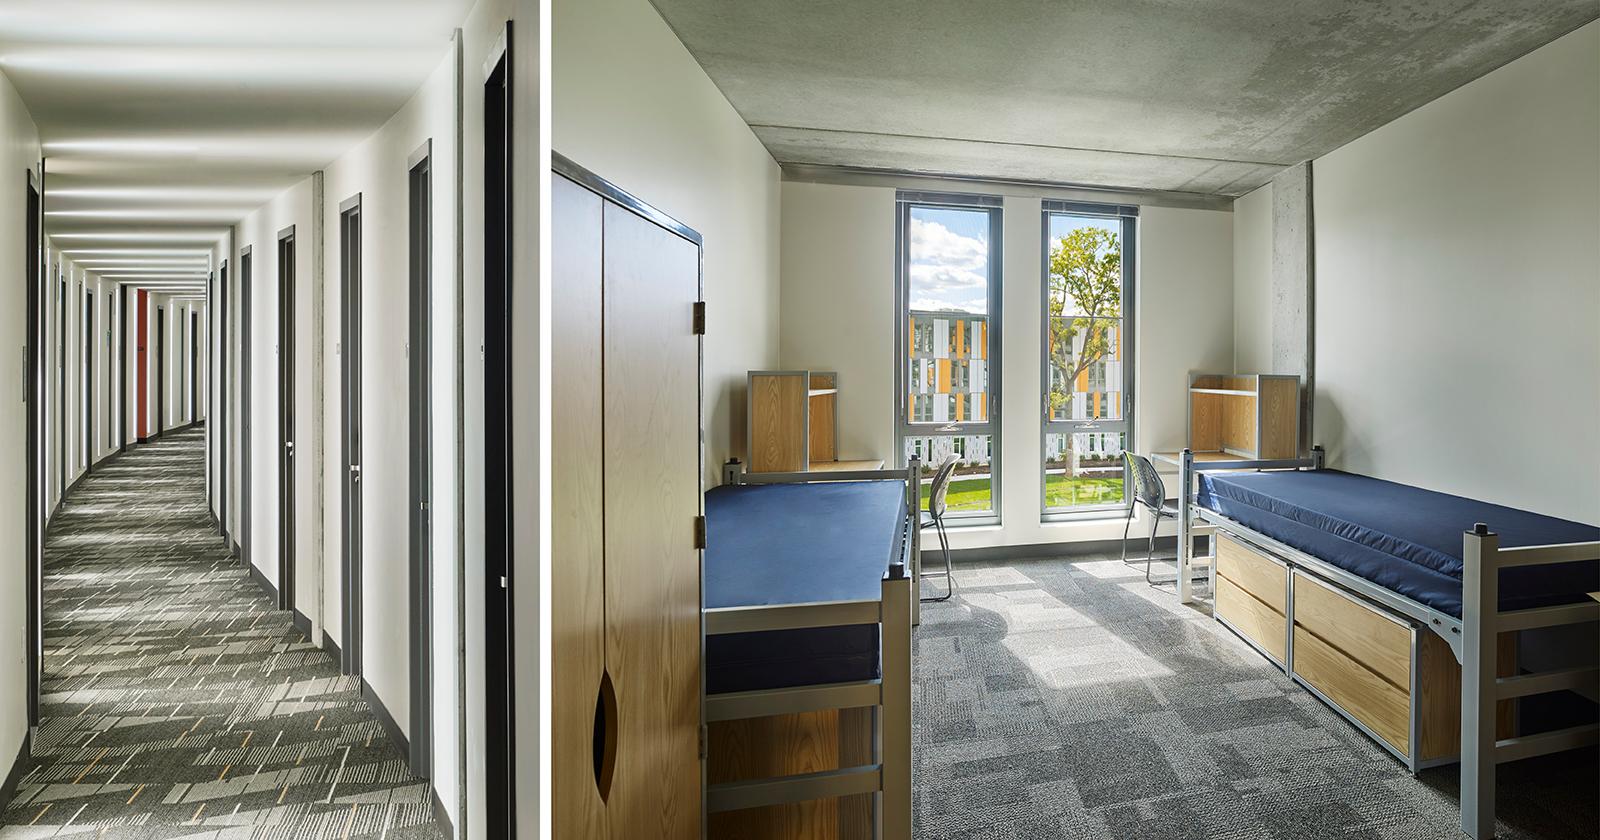 Holly Pointe Commons, Rowan University, Glassboro, NJ